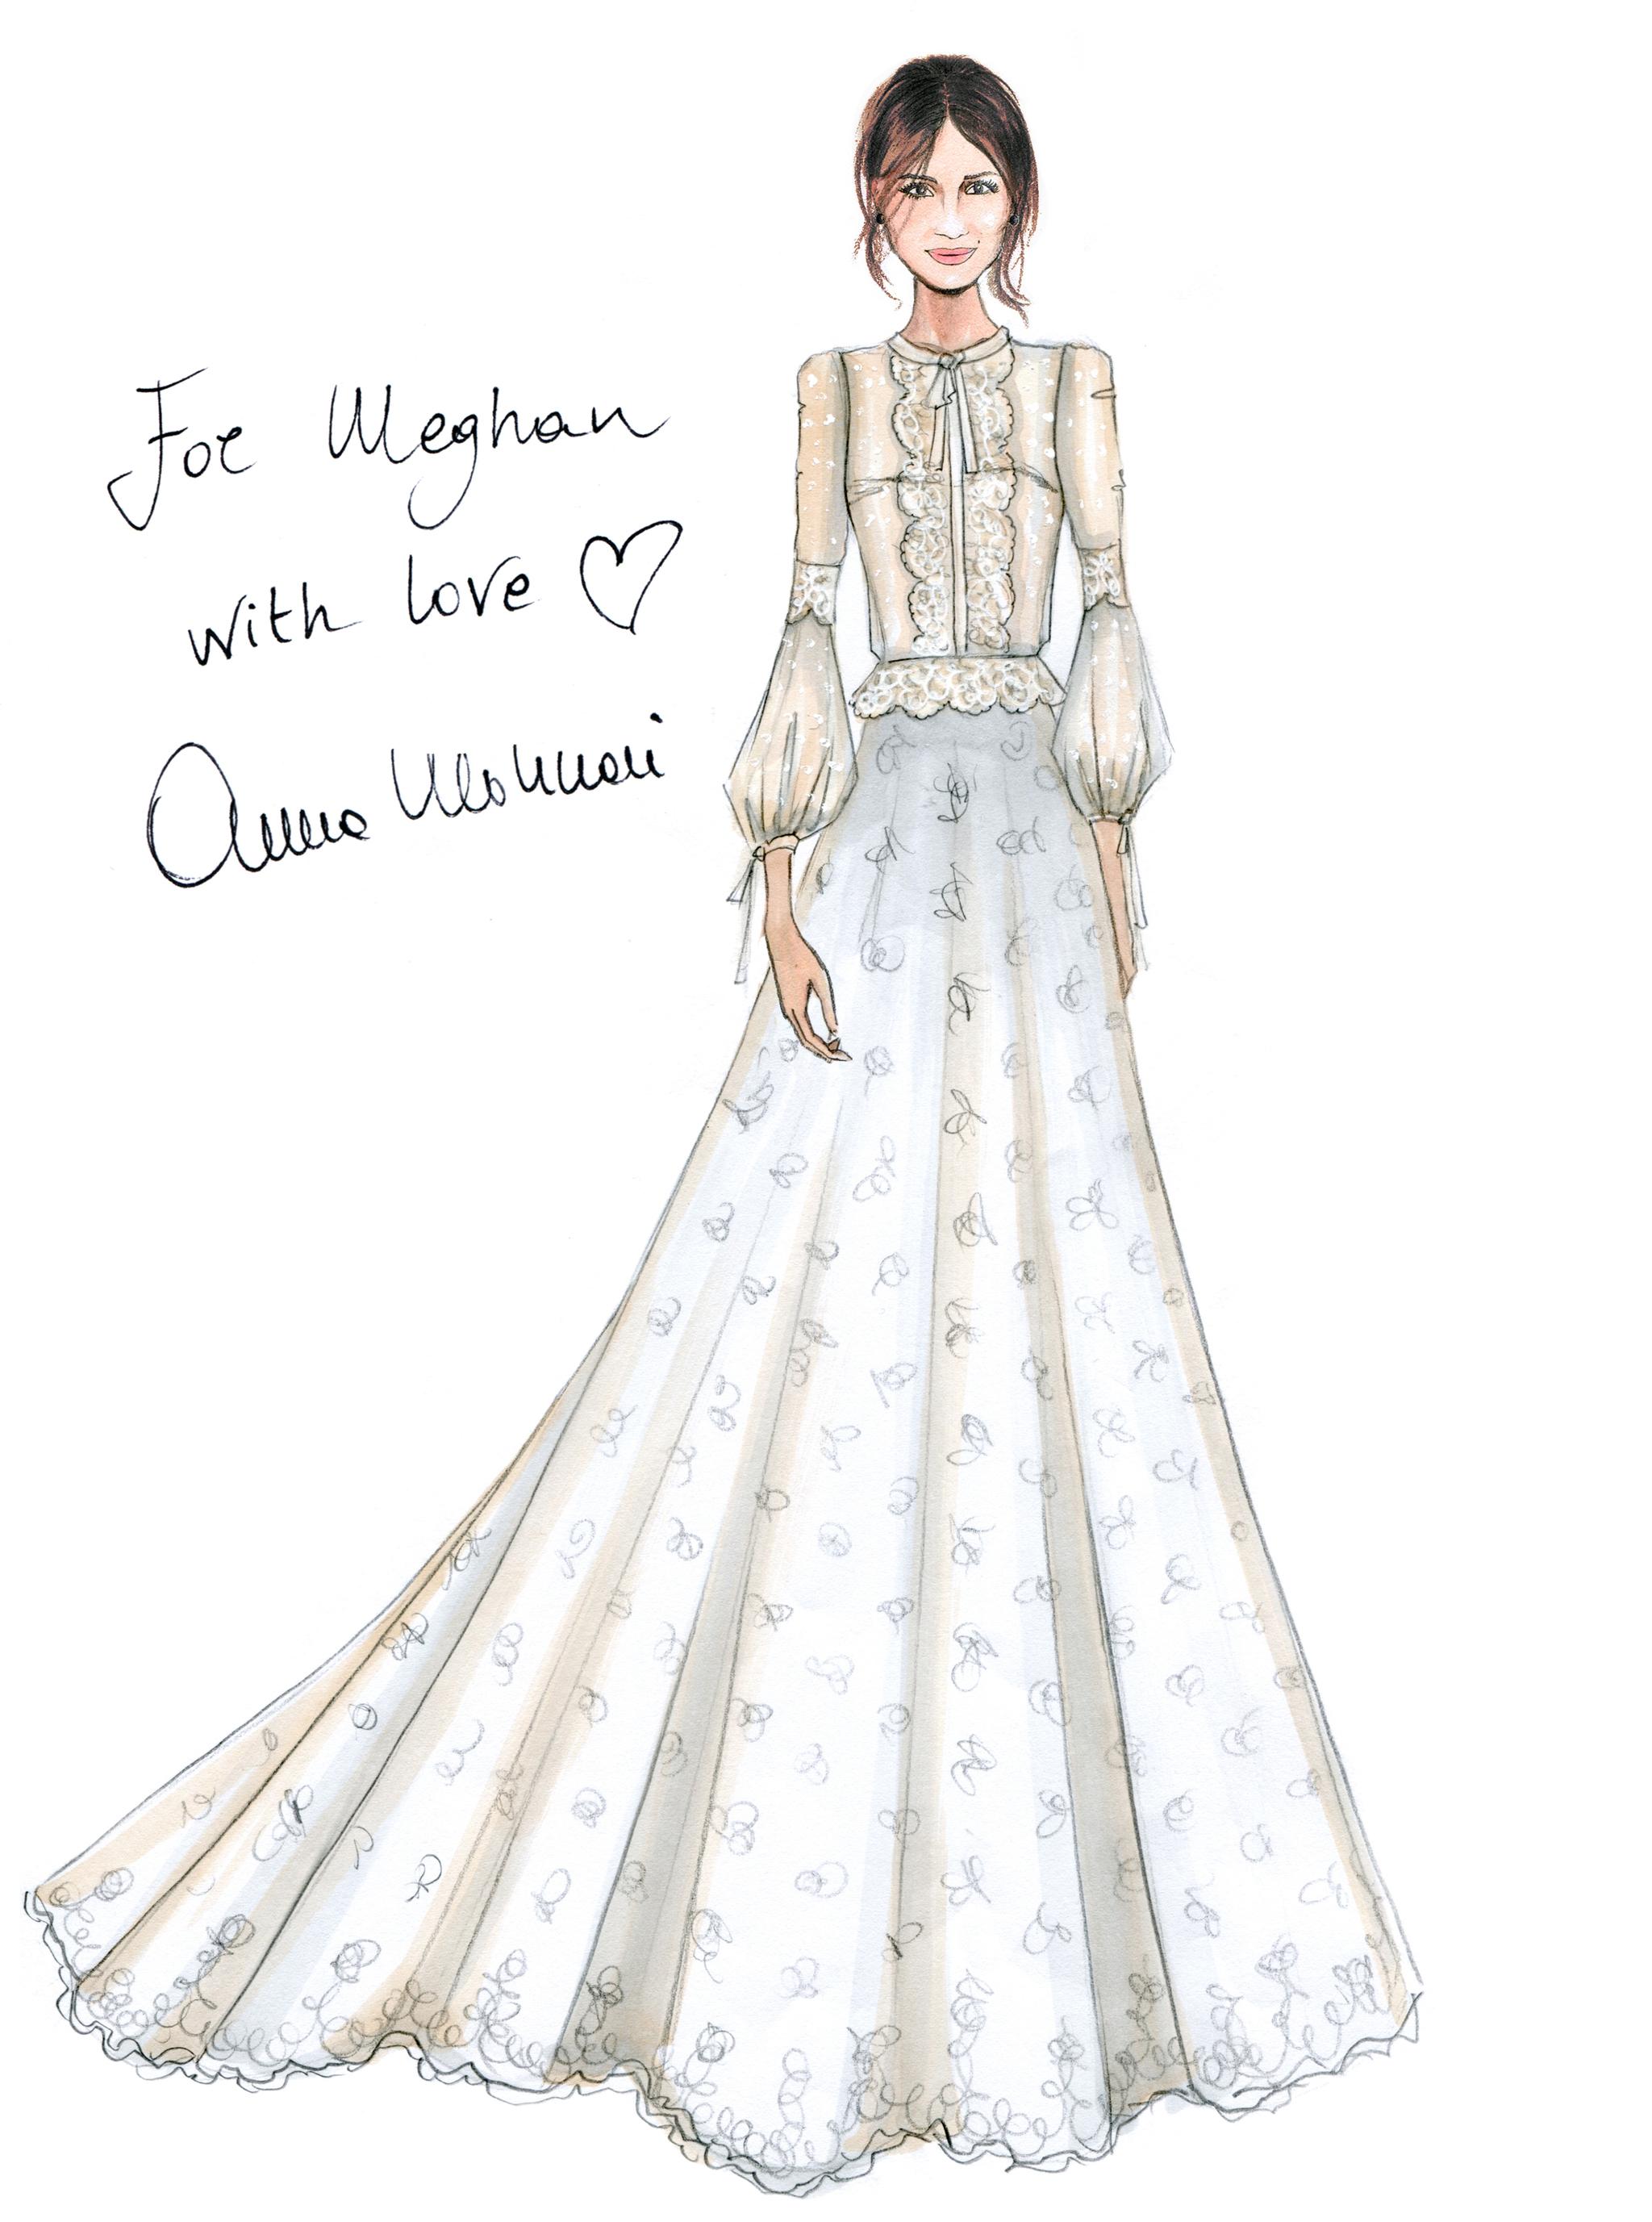 Boceto de la propuesta del vestido de novia de Meghan Markle, por...